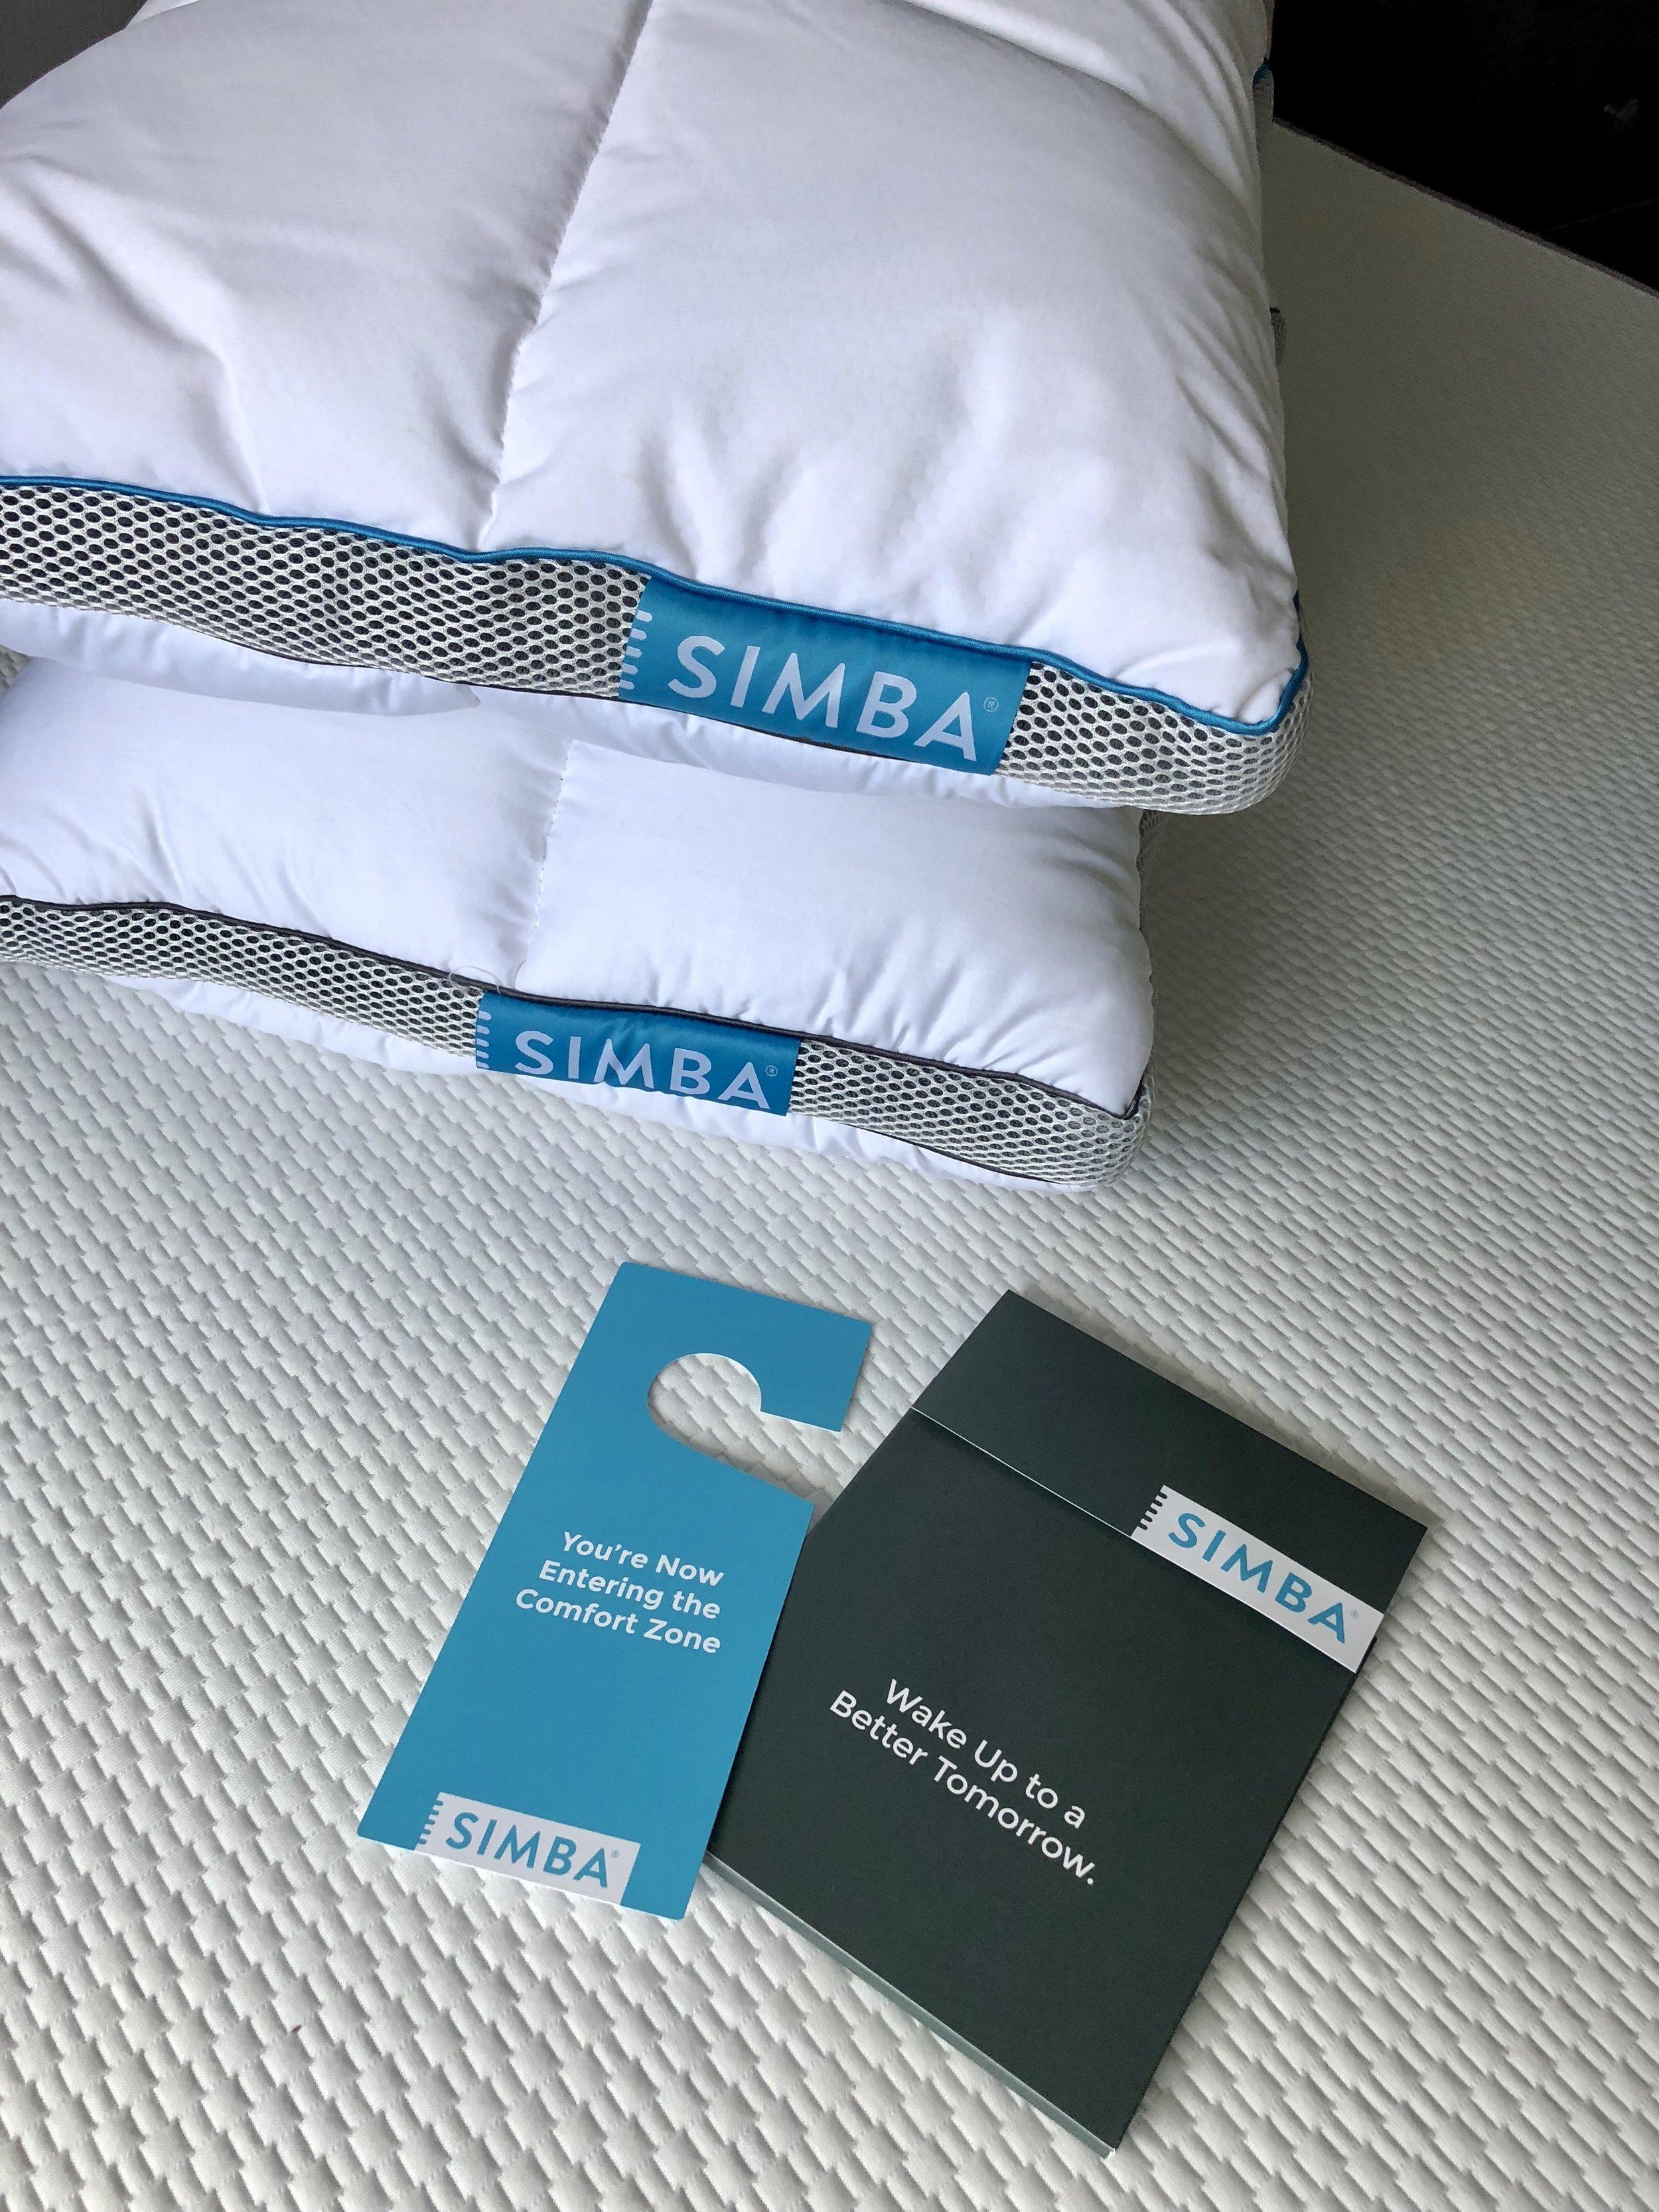 Simba sleep mattress